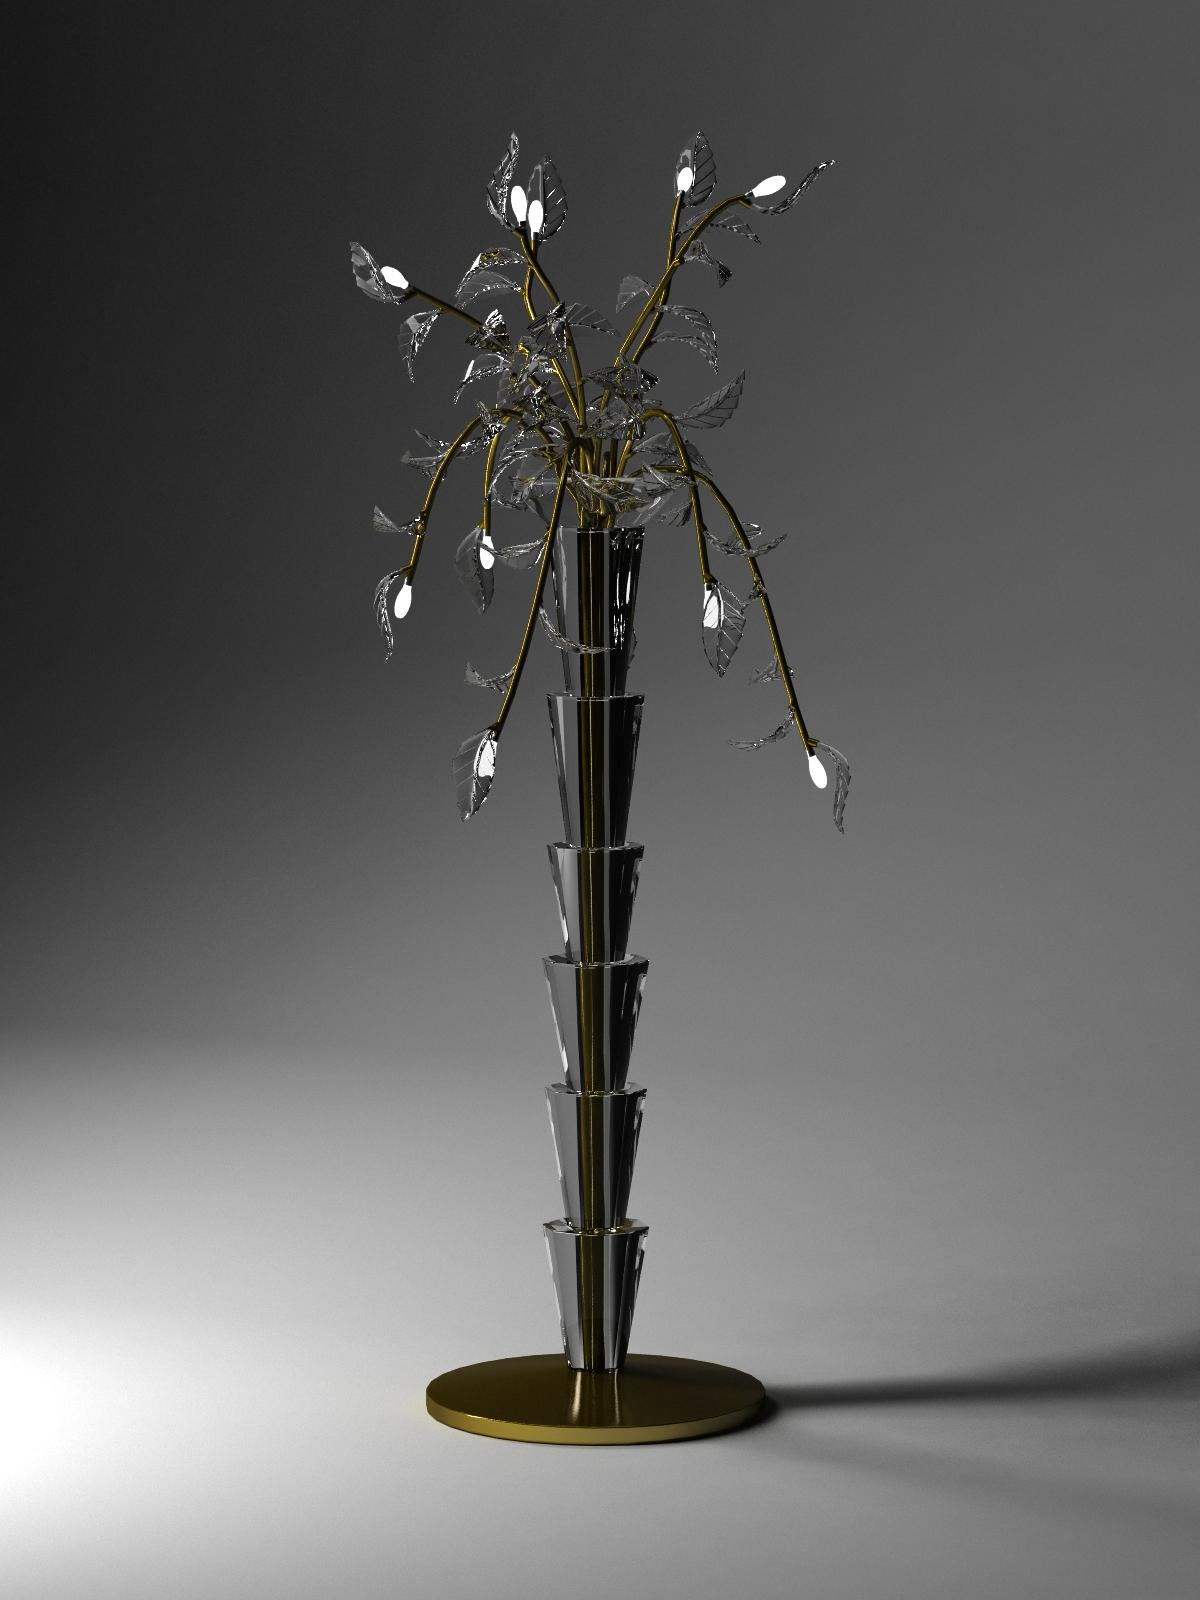 Martin Štefánek Desná, zhotovení světelnýc pbjektů, lustrů, lamp, umělecké sklářství